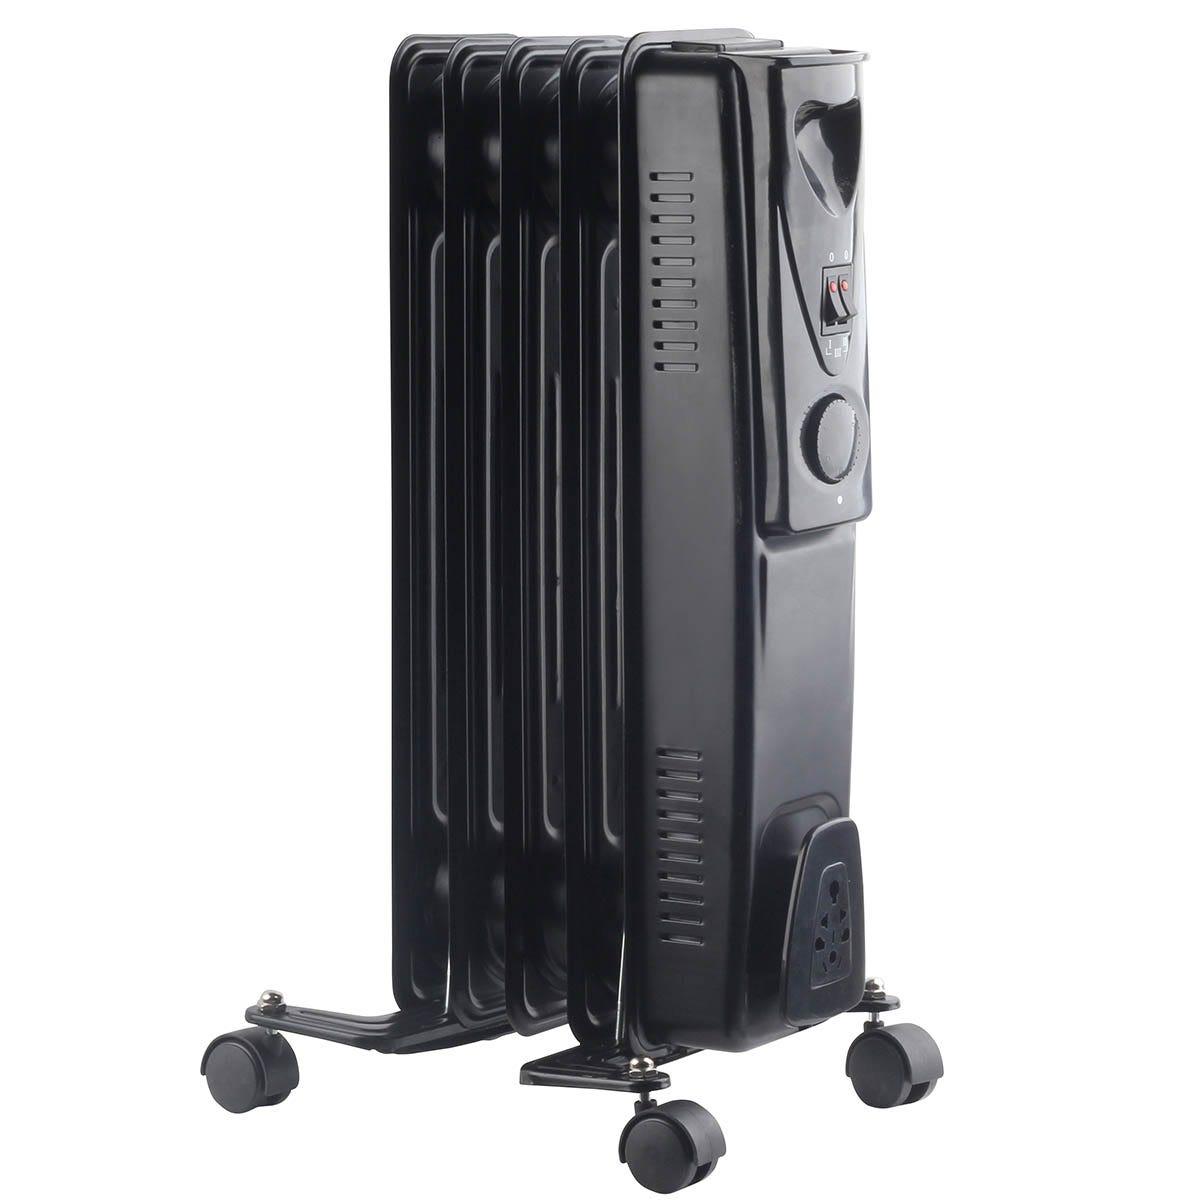 Fine Elements 1KW 5 Fin Oil Heater - Black